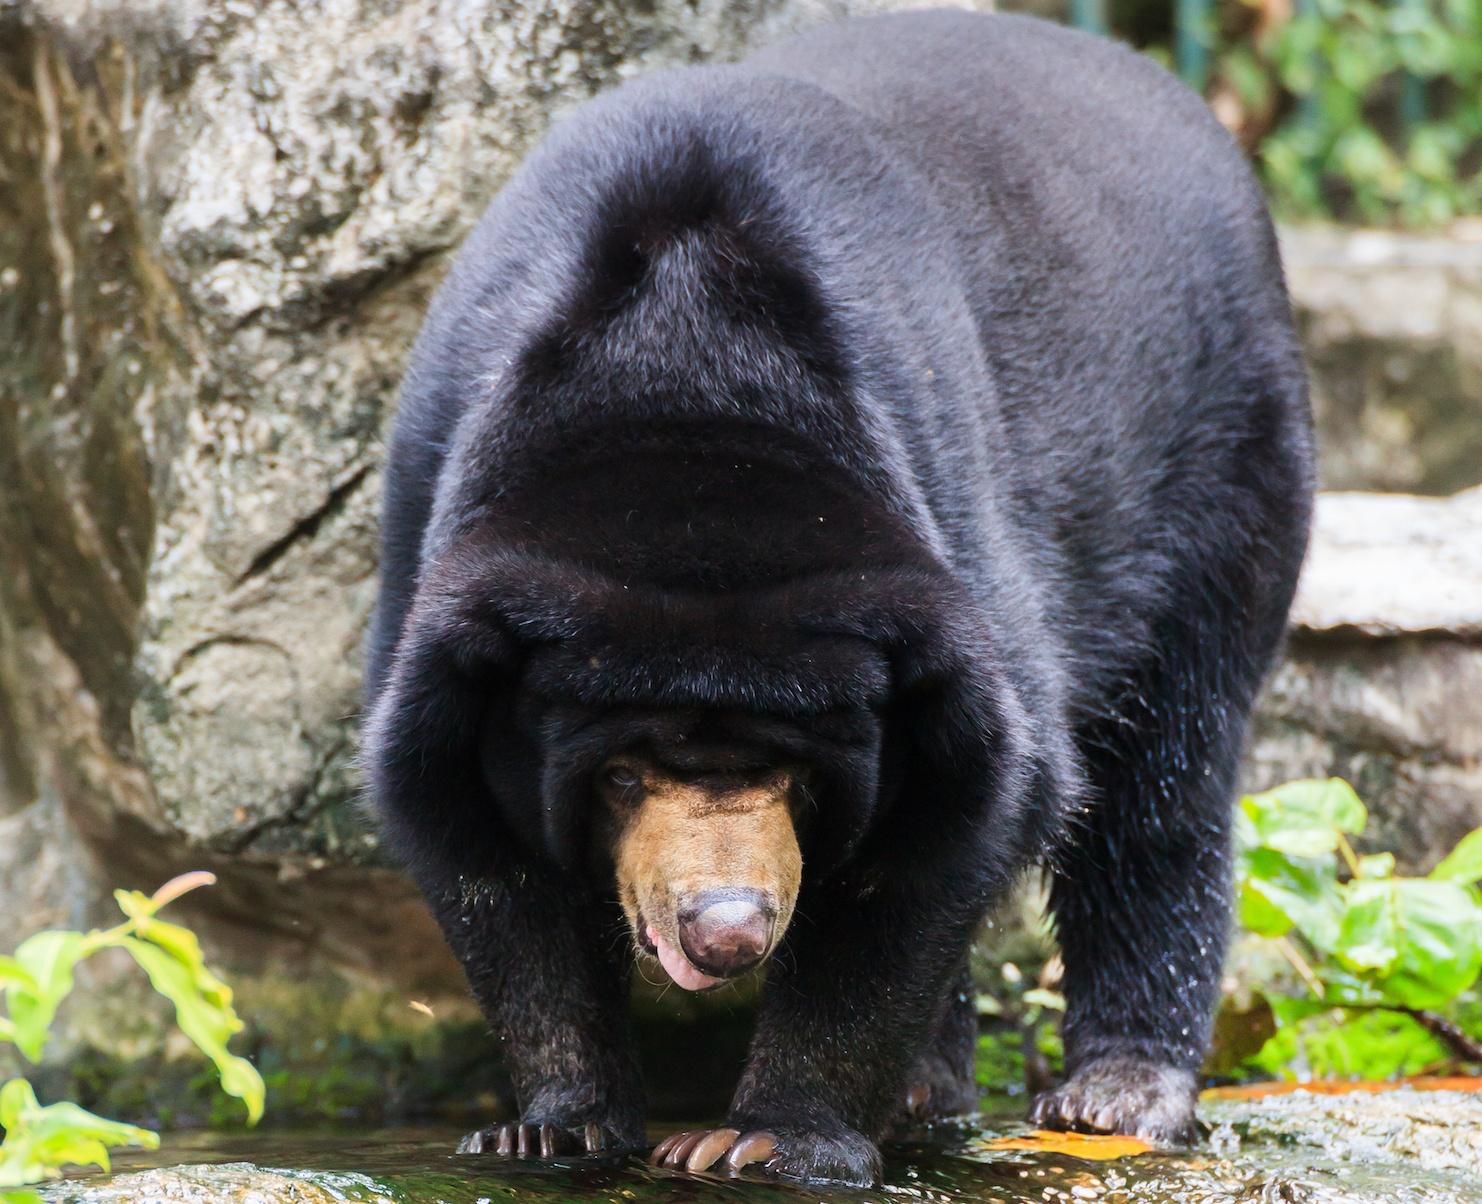 Black Malayan sun bear